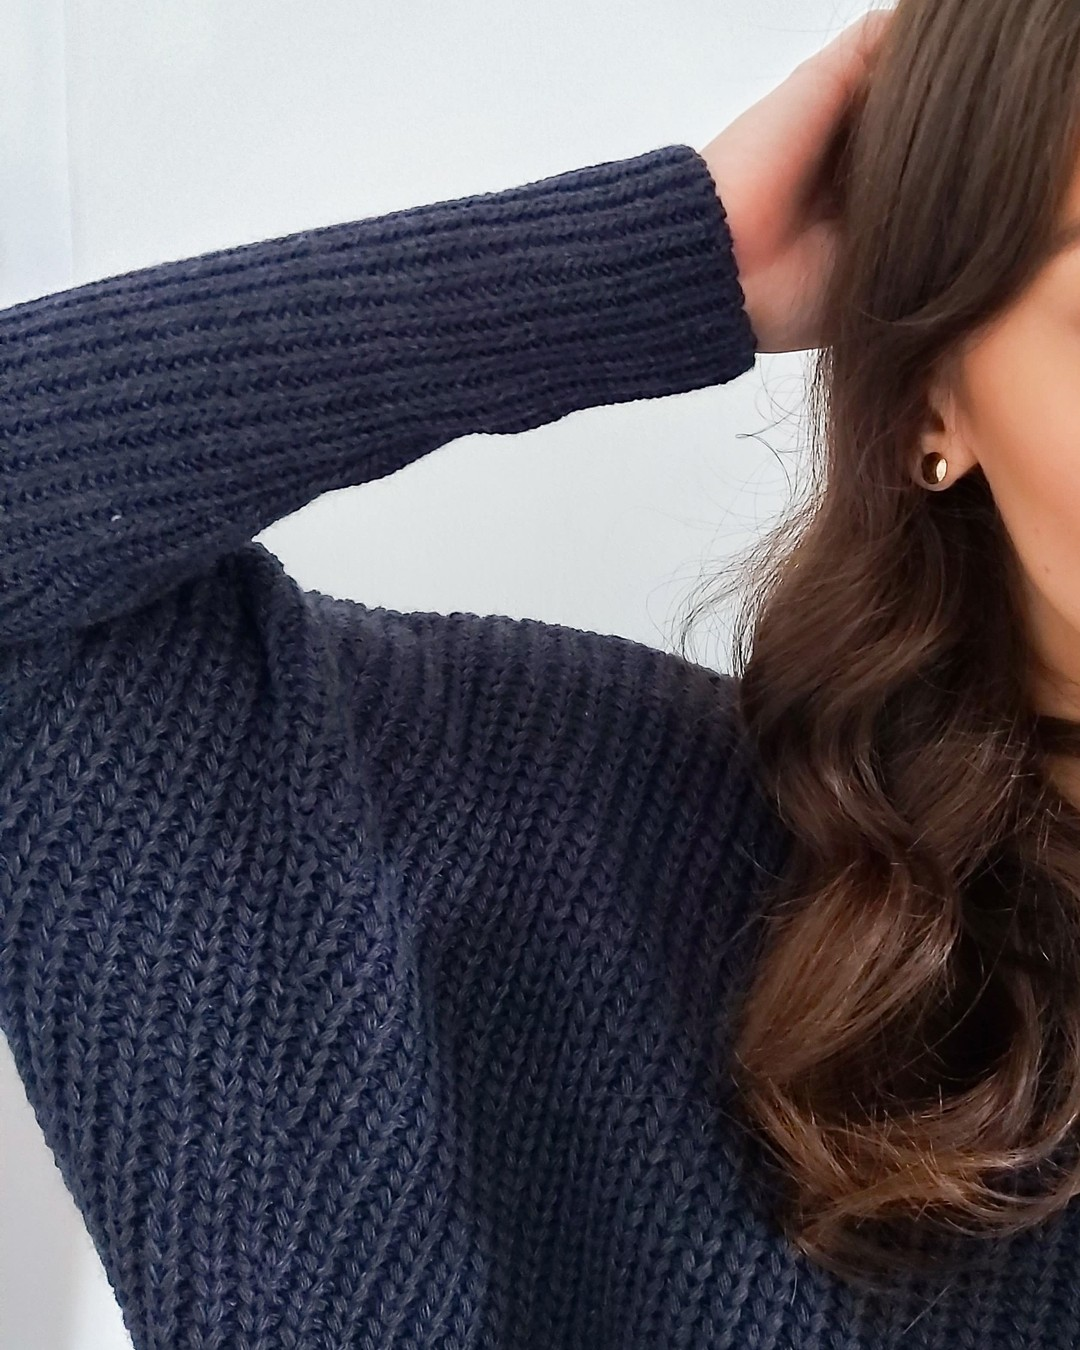 Ta swetrowa tunika ma w sobie masę luzu i jeszcze więcej stylu. Jest jak kokon, w którym możesz się schować przed zimnem. Noś ją wiele razy i na wiele sposobów - z ciemnymi, kryjącymi rajstopami, z legginsami z eko-skóry, z kowbojkami i balerinami. Cała jest w pionowe, ściągaczowe wzory, więc dodaje sylwetce lekkości. Dodatek wełny w składzie idealnie sprawdza się jesienią i zimą. #sukienka #sukienki #sukienkaswetrowa #swetrowasukienka #dzianinowasukienka #sweaterdress #sweter #swetry #tunika #tuniki #sweternajesień #sukienkanajesień #autumnstyle #autumnvibe #autumnvibes #fallvibes #fallfashion #fallfashiontrends #navyblue #1947